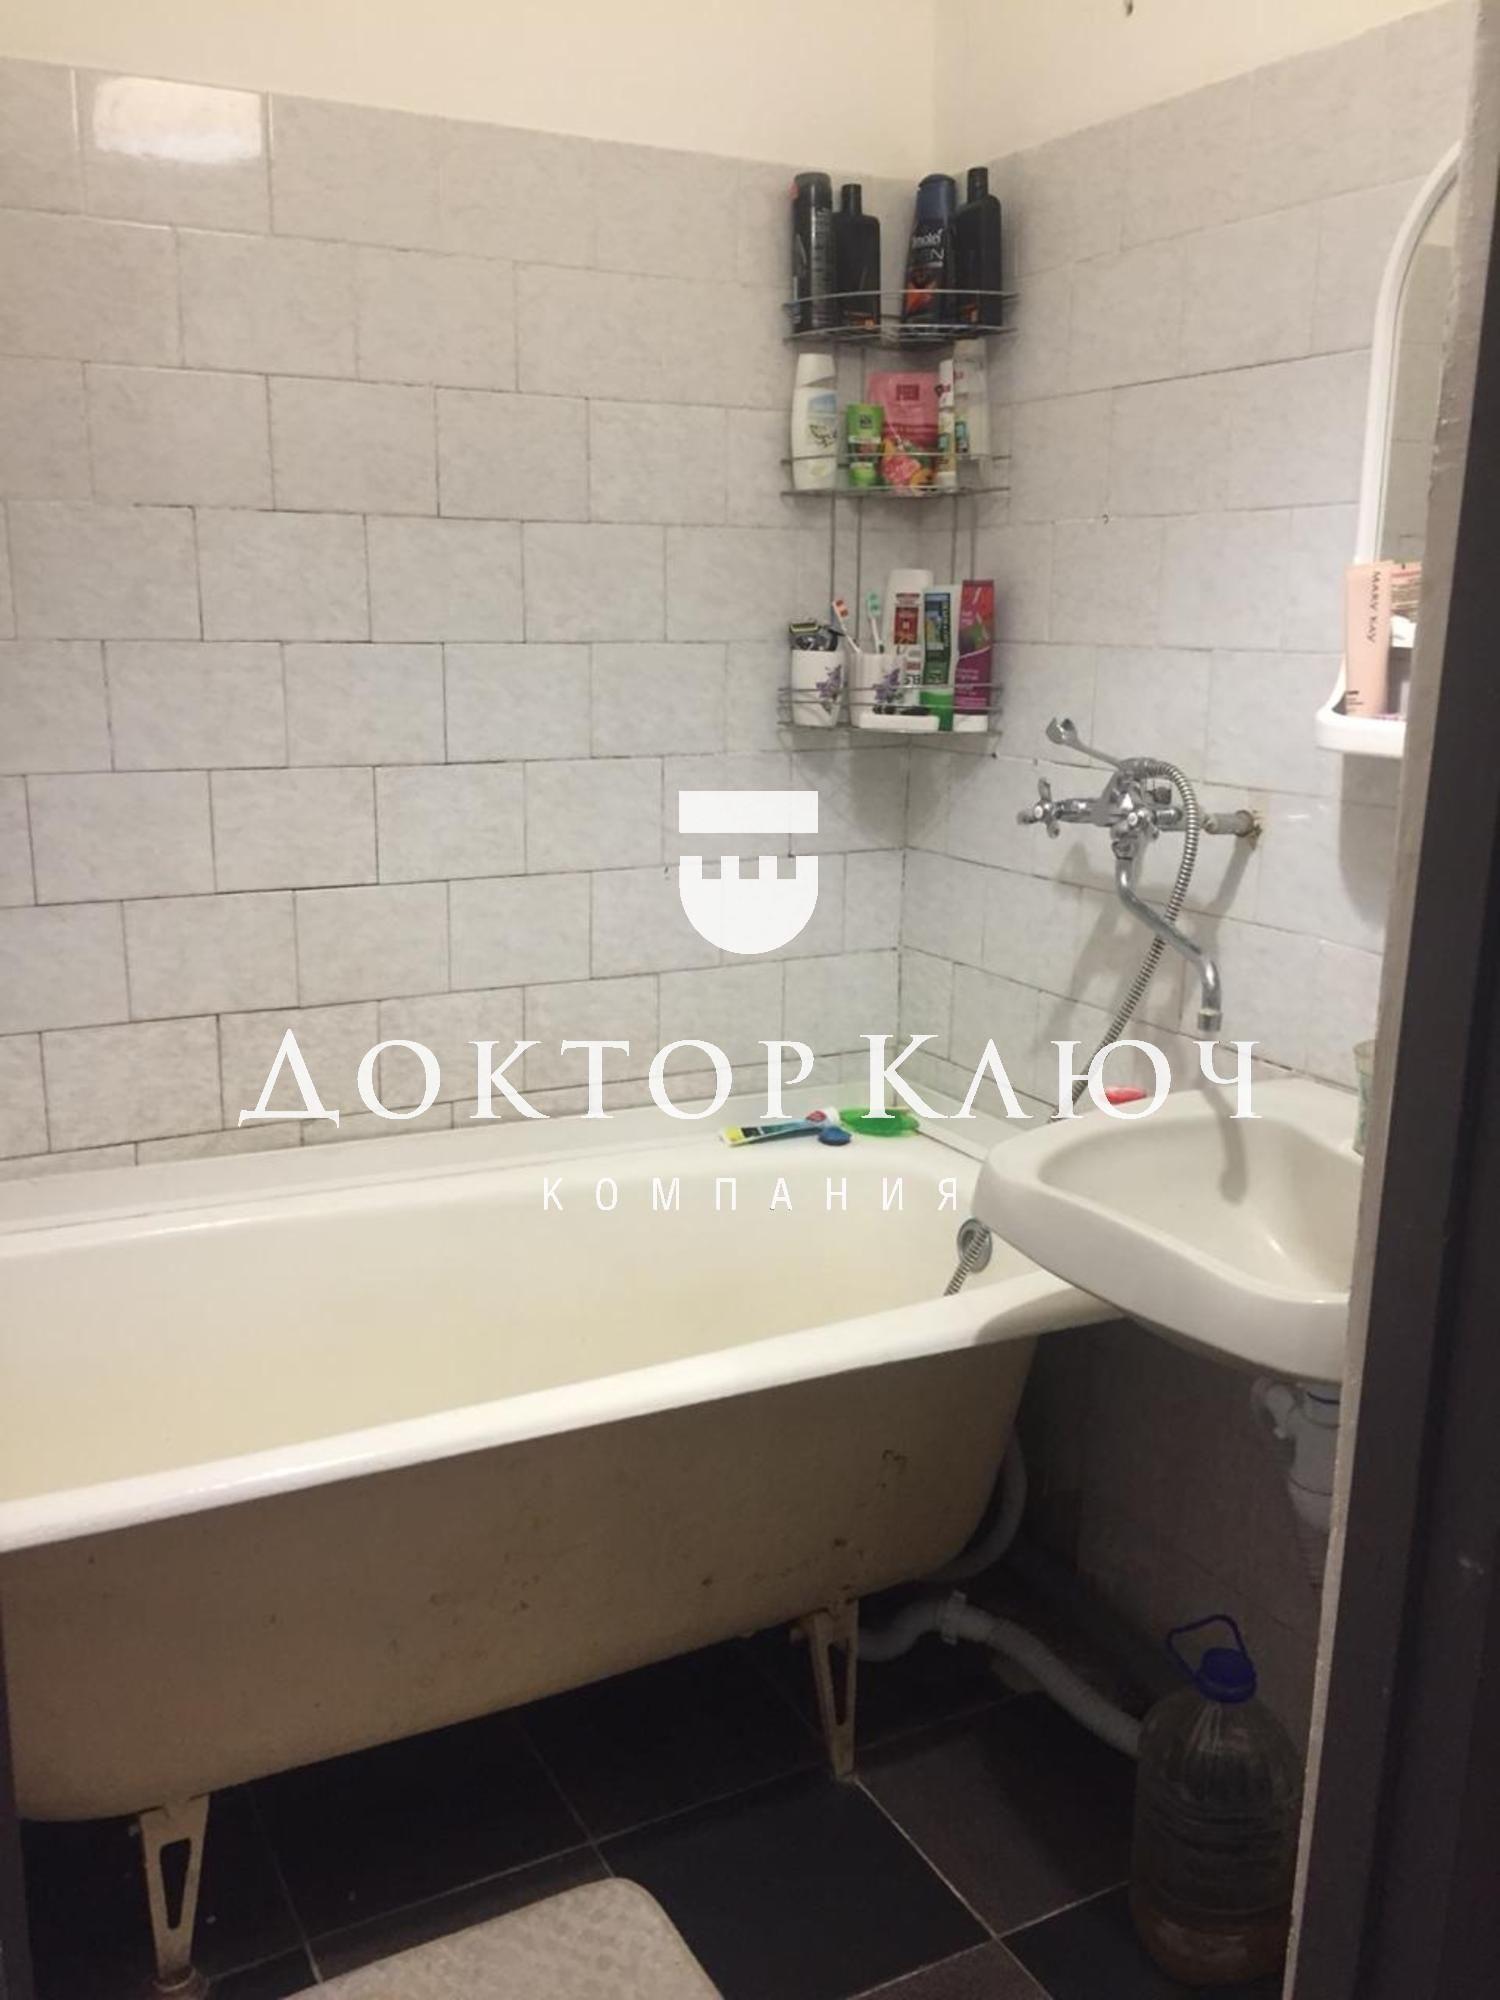 Квартира на продажу по адресу Россия, Новосибирская область, Бердск, Комсомольская ул., д. 2Г